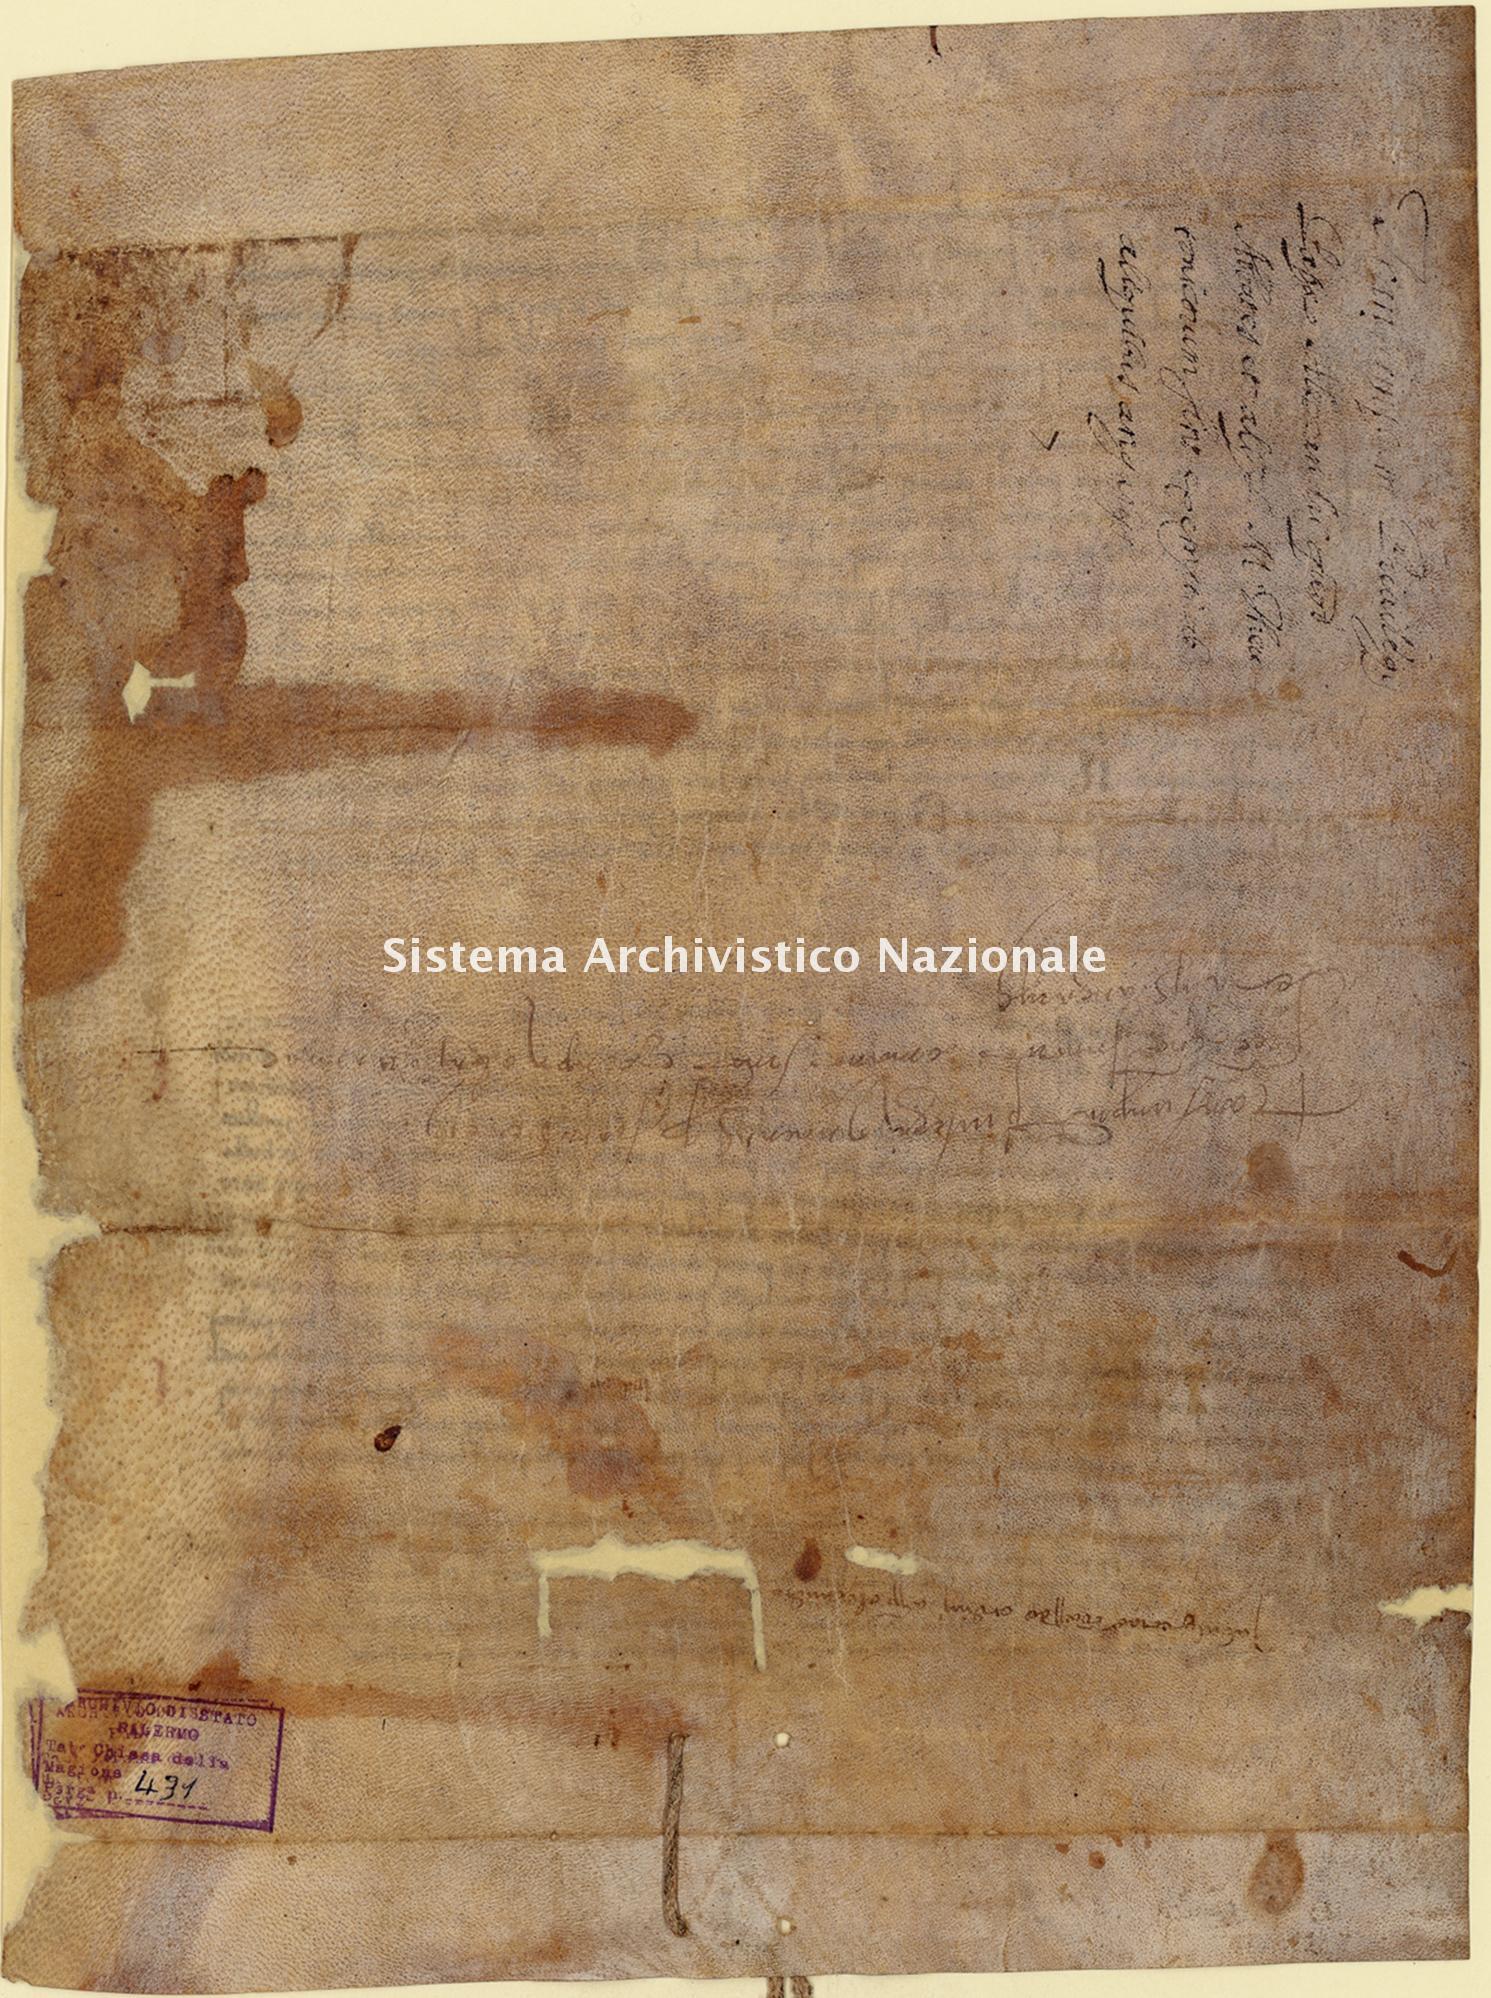 Archivio di Stato di Palermo, Diplomatico, Tabulario della Commenda della Magione, Pergamena TCM 431